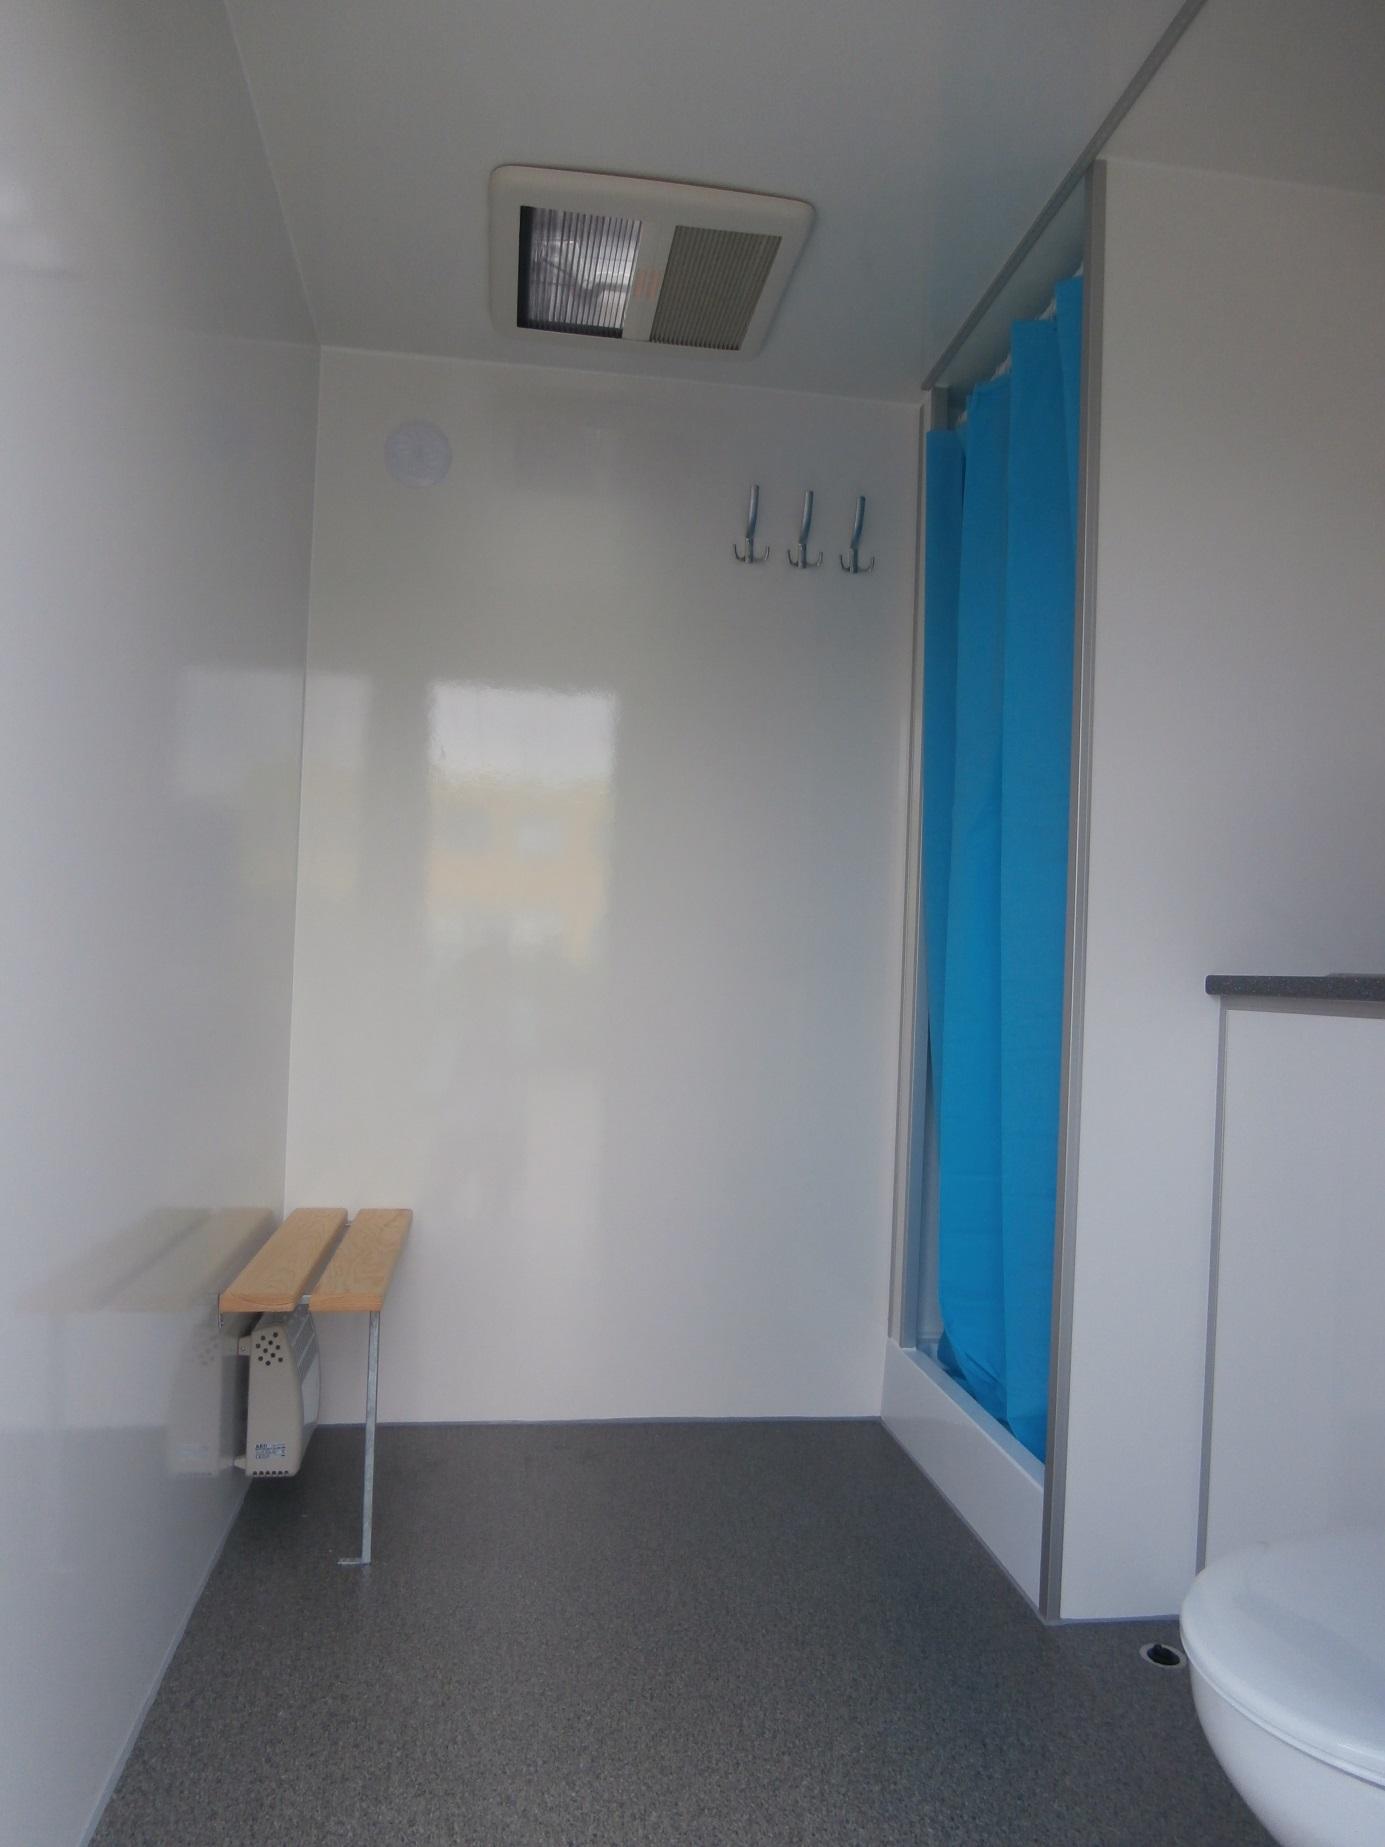 Typ 17x 2 42 mobile badezimmer eurowagon - Mobiles badezimmer ...